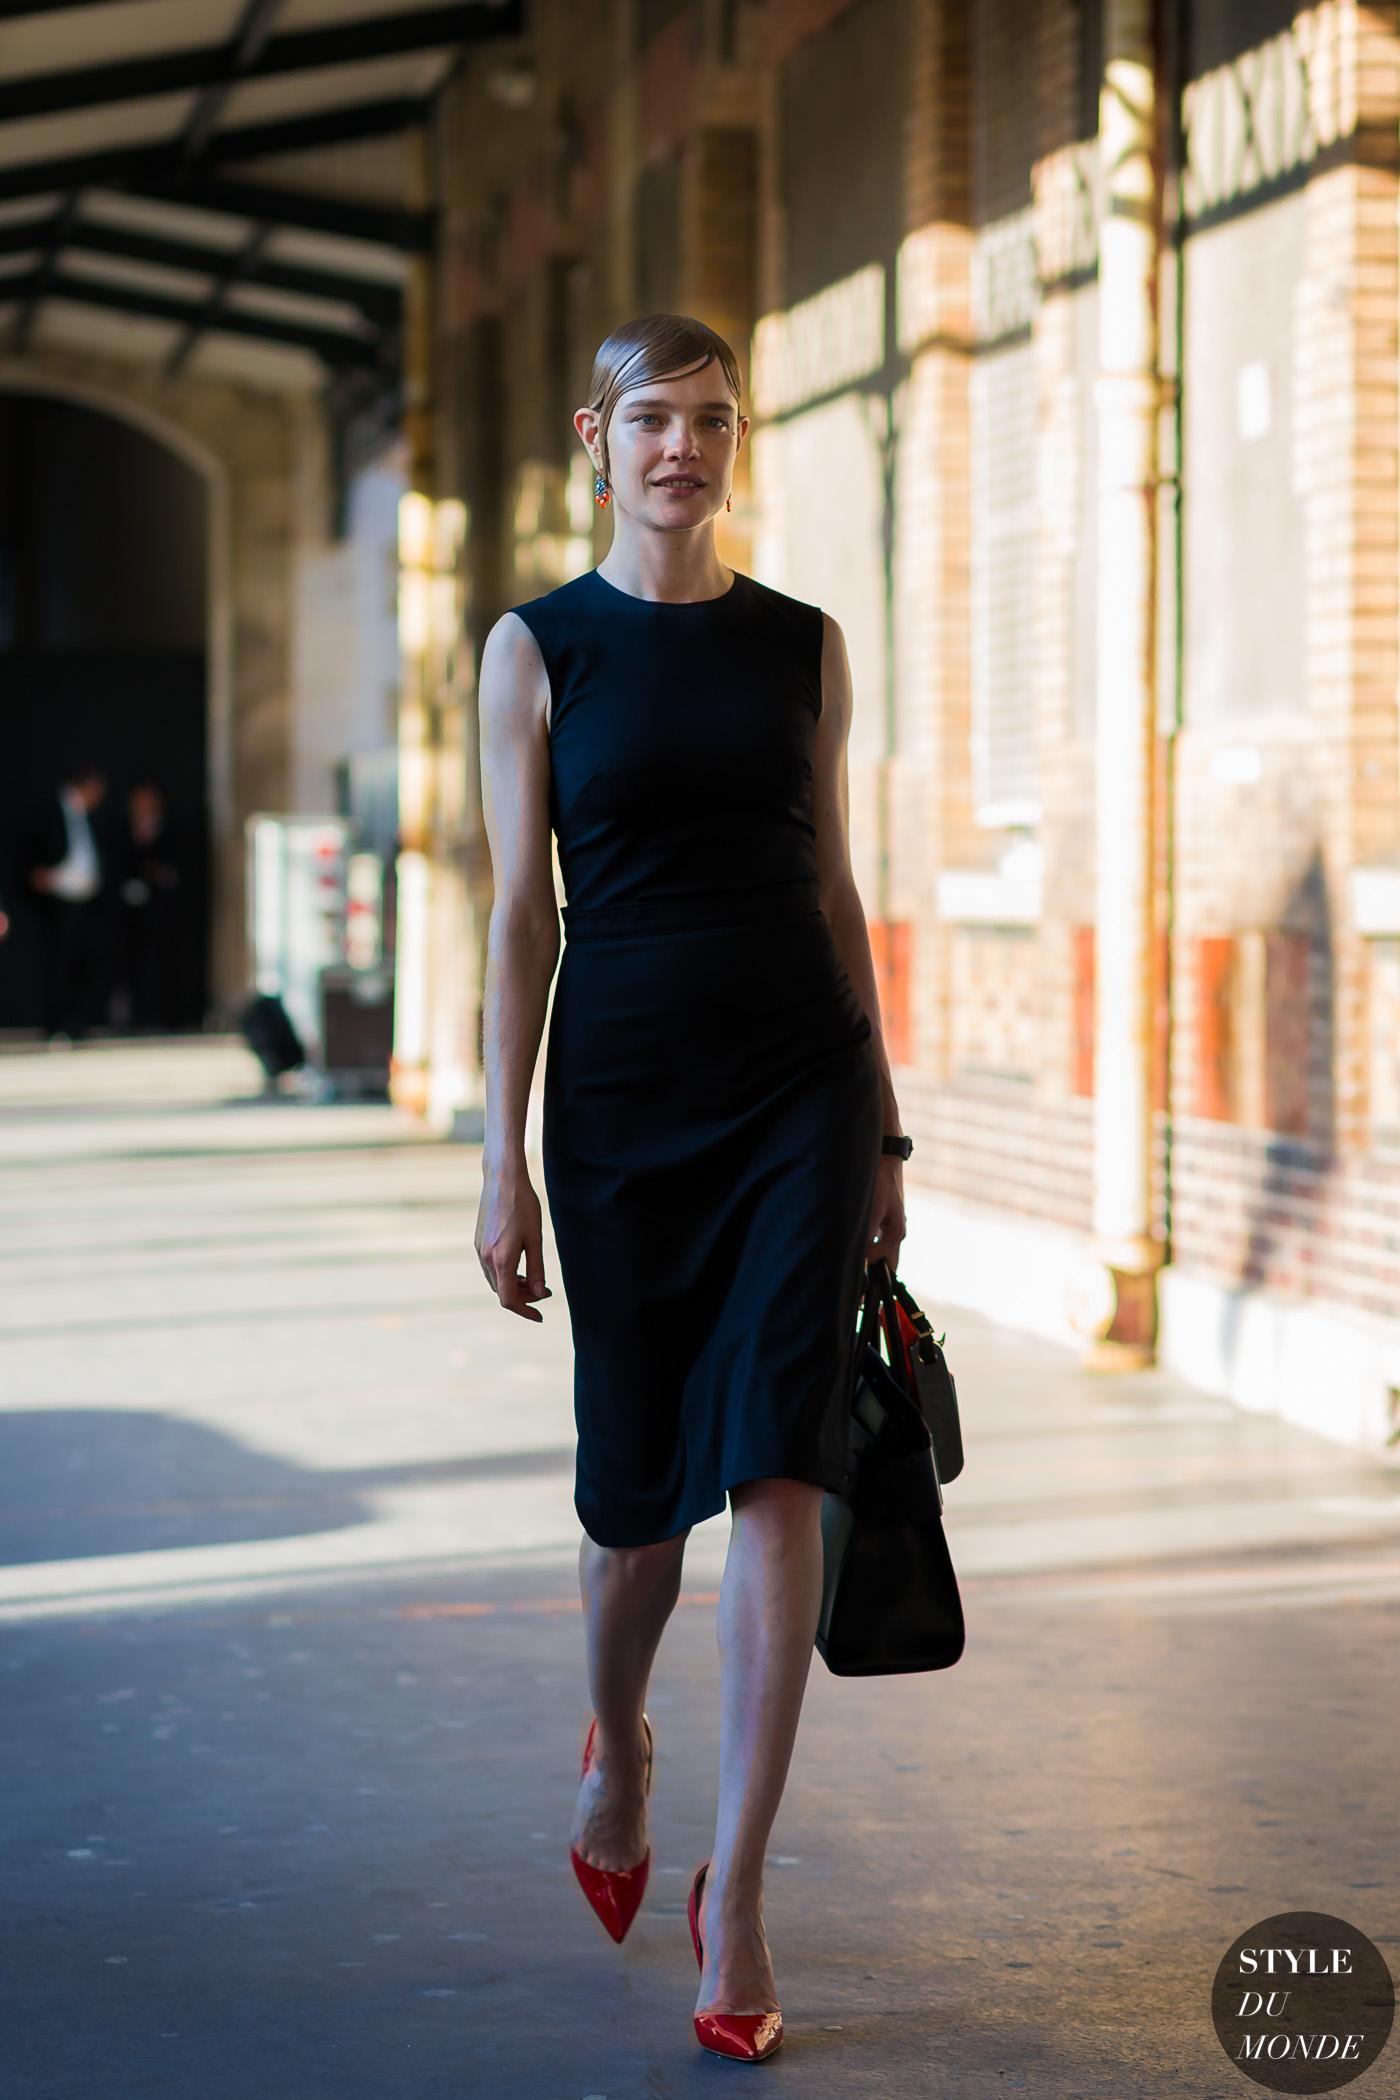 phong cách thời trang đường phố của natalia vodianova bộ đầm đen